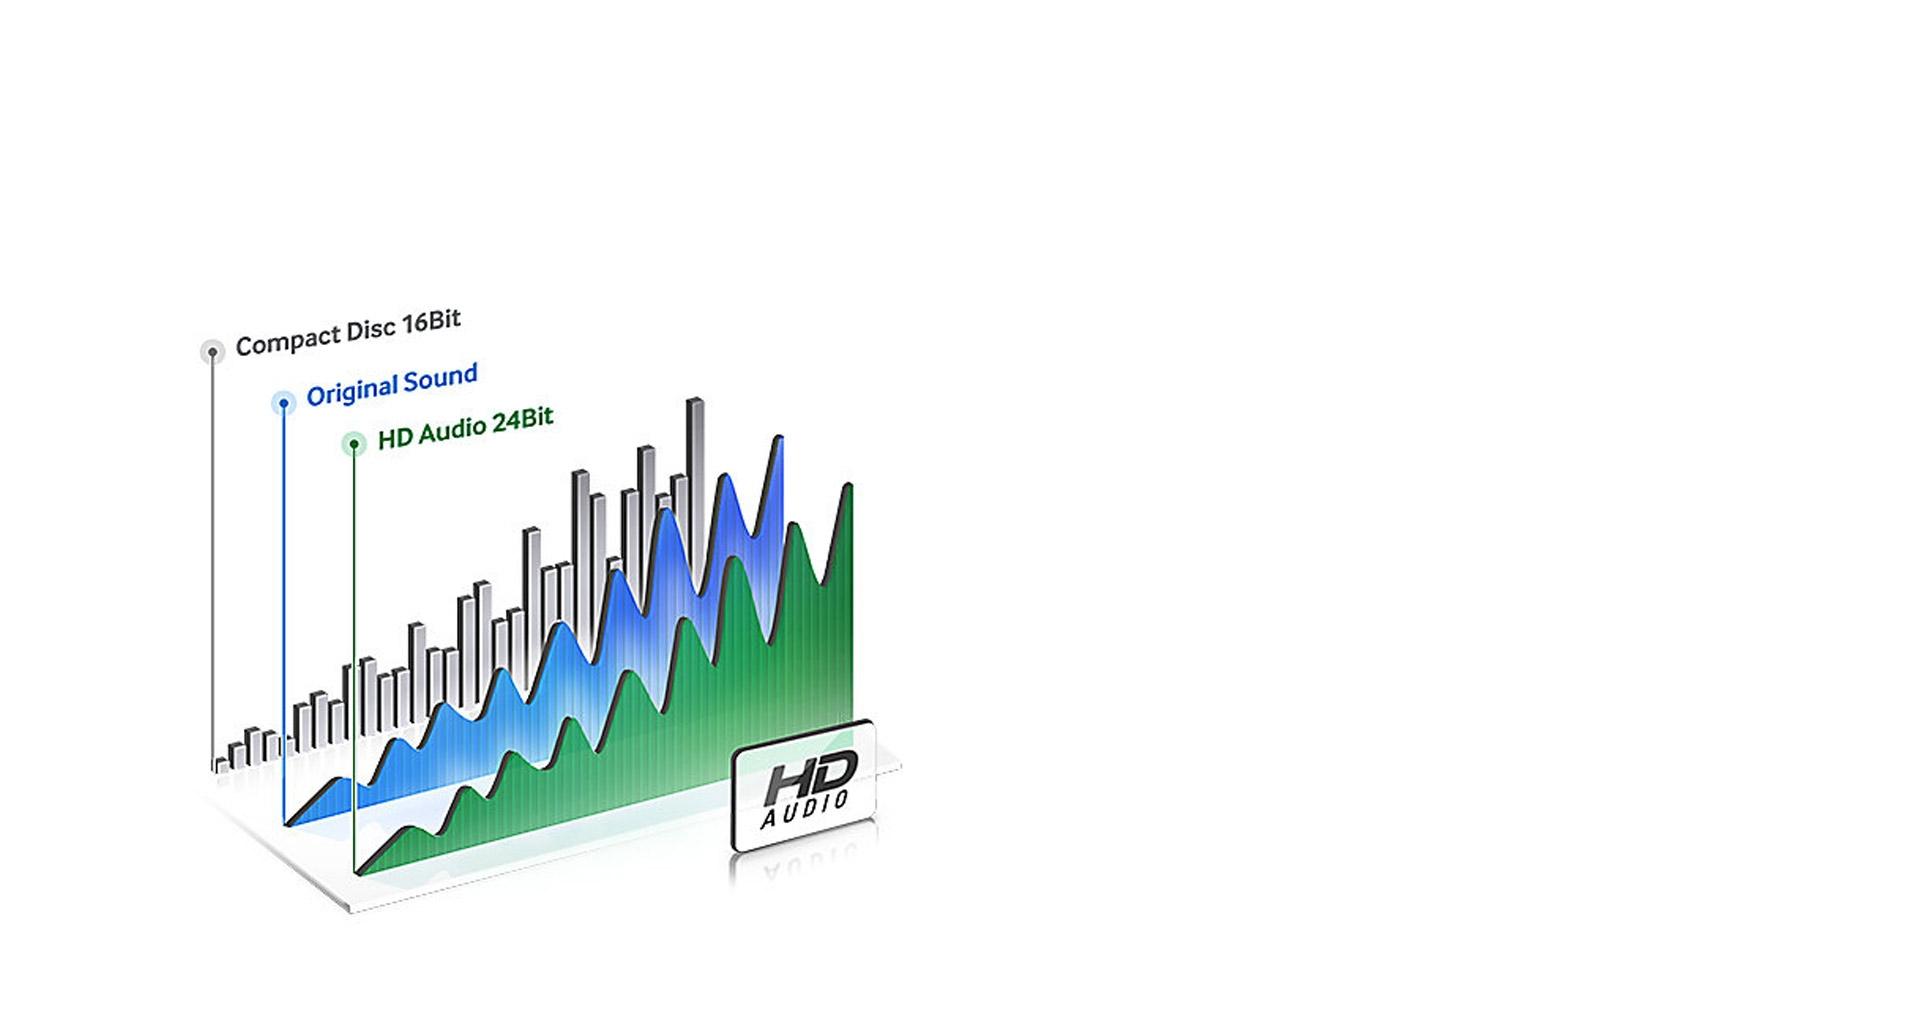 صدای واقعی با کیفیت HD در ساندبار هوشمند سامسونگ ms650